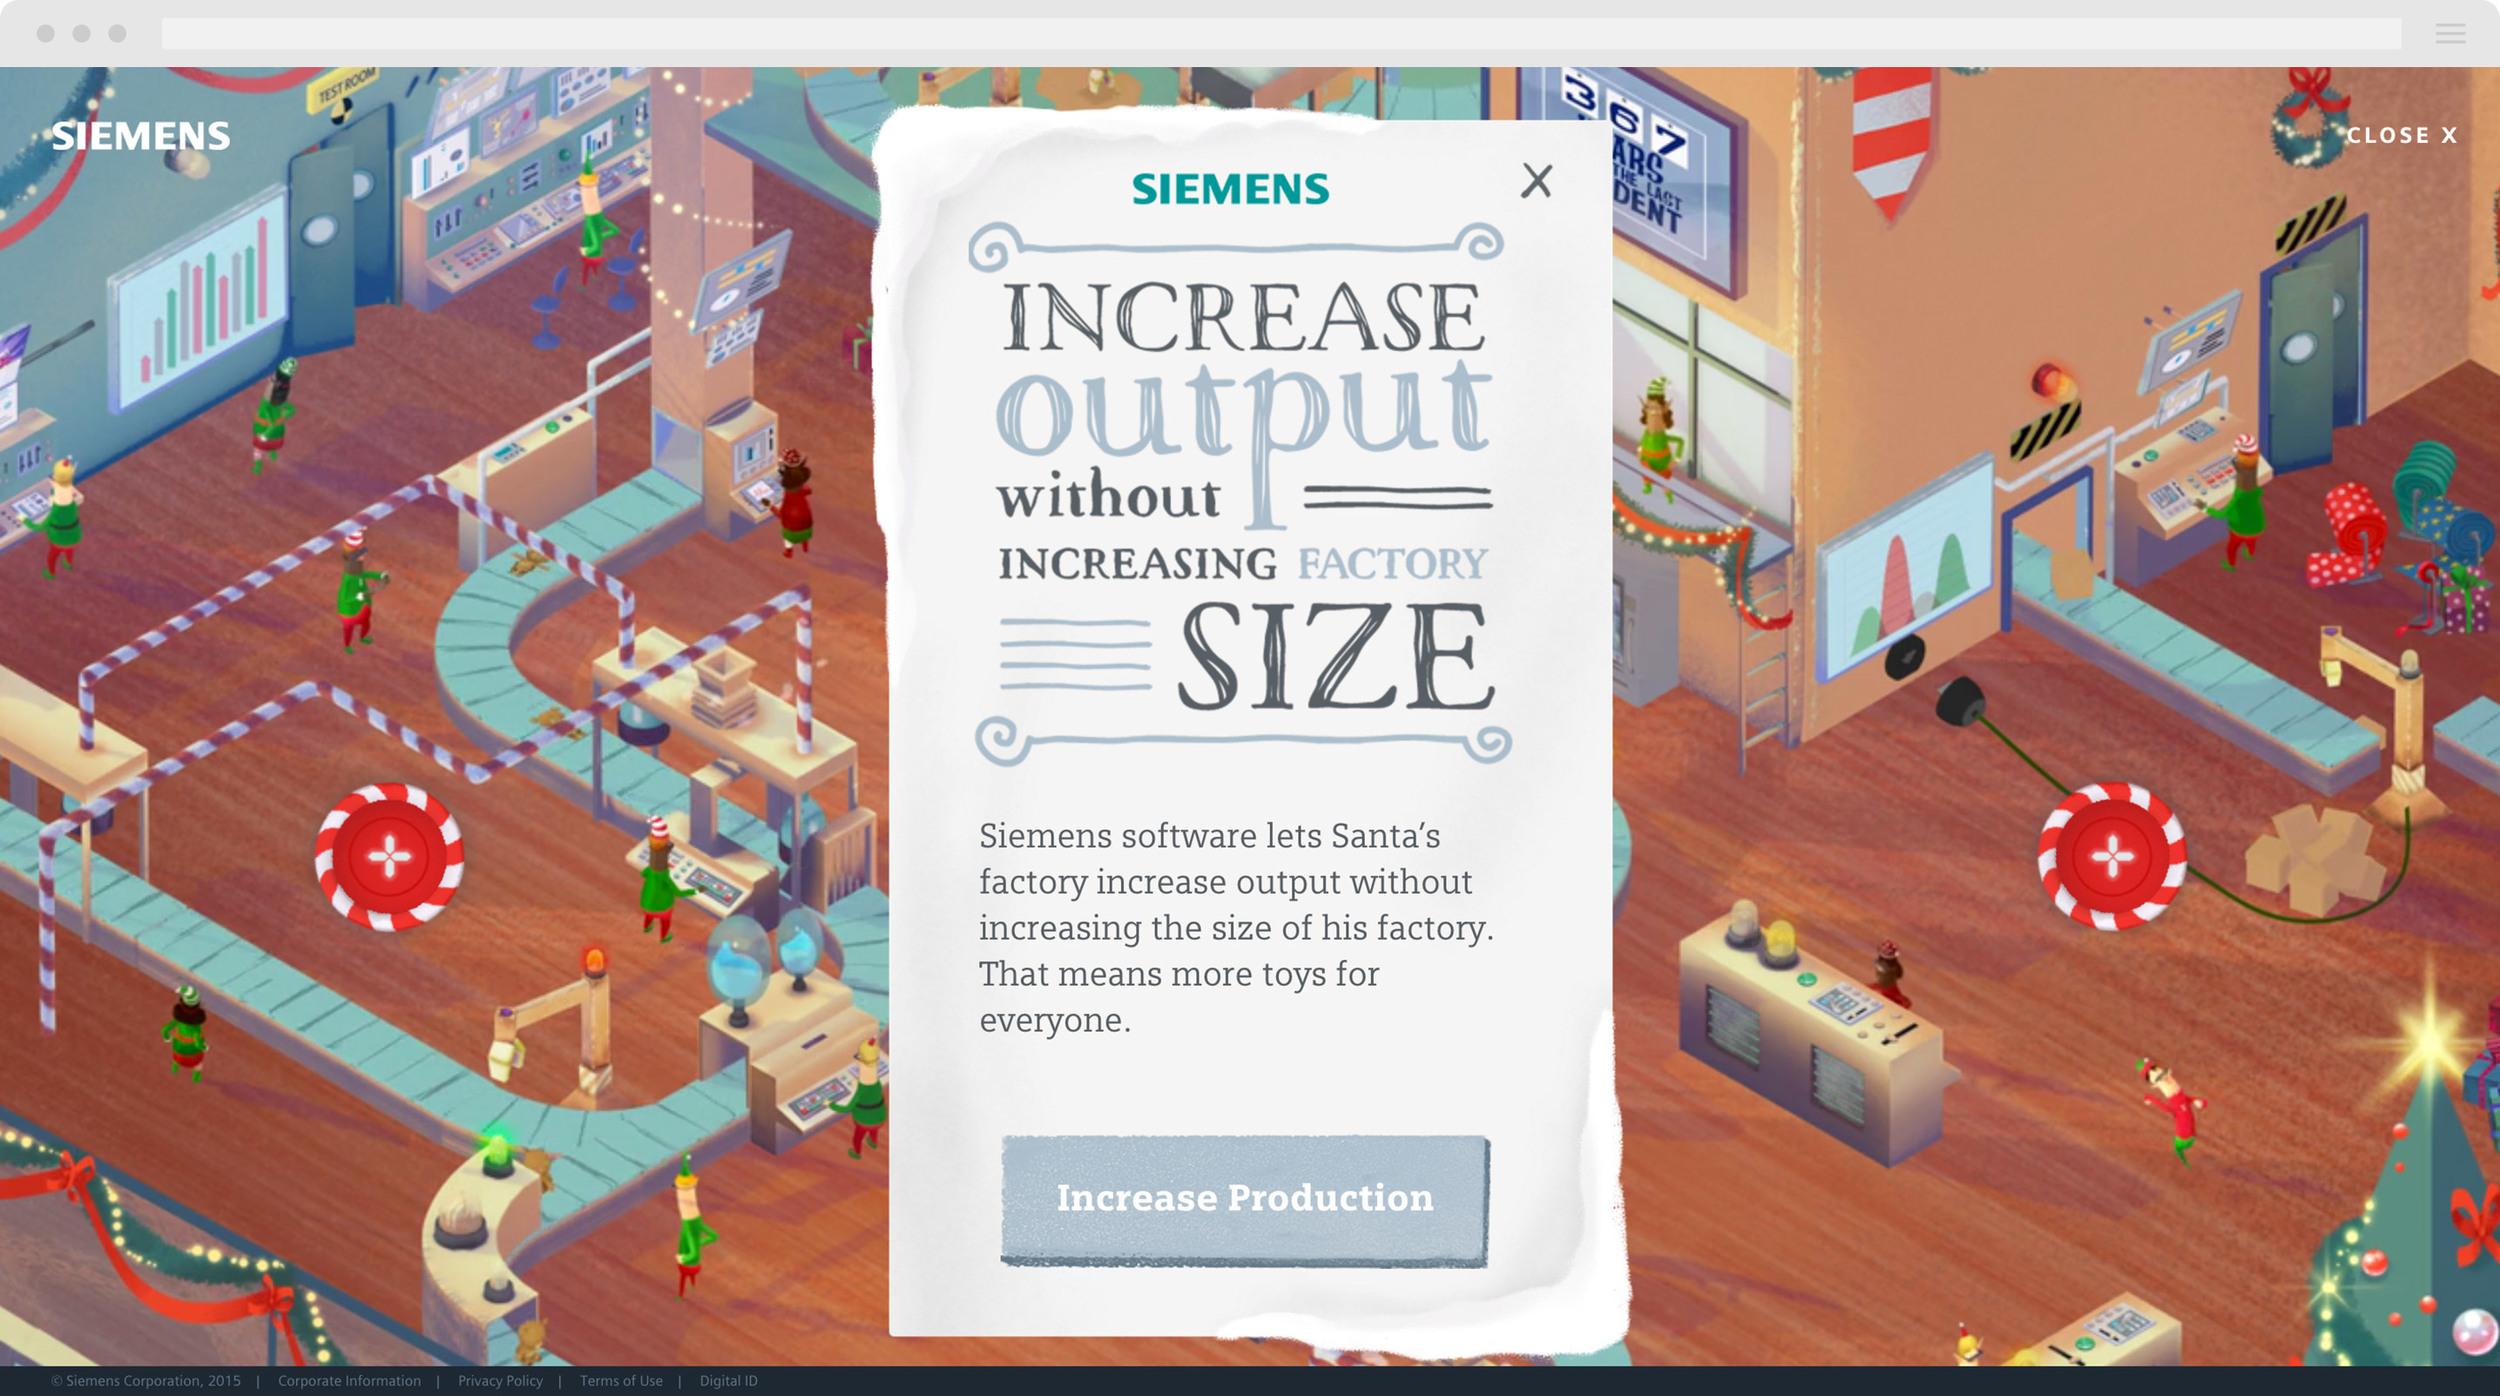 Siemens5.jpg